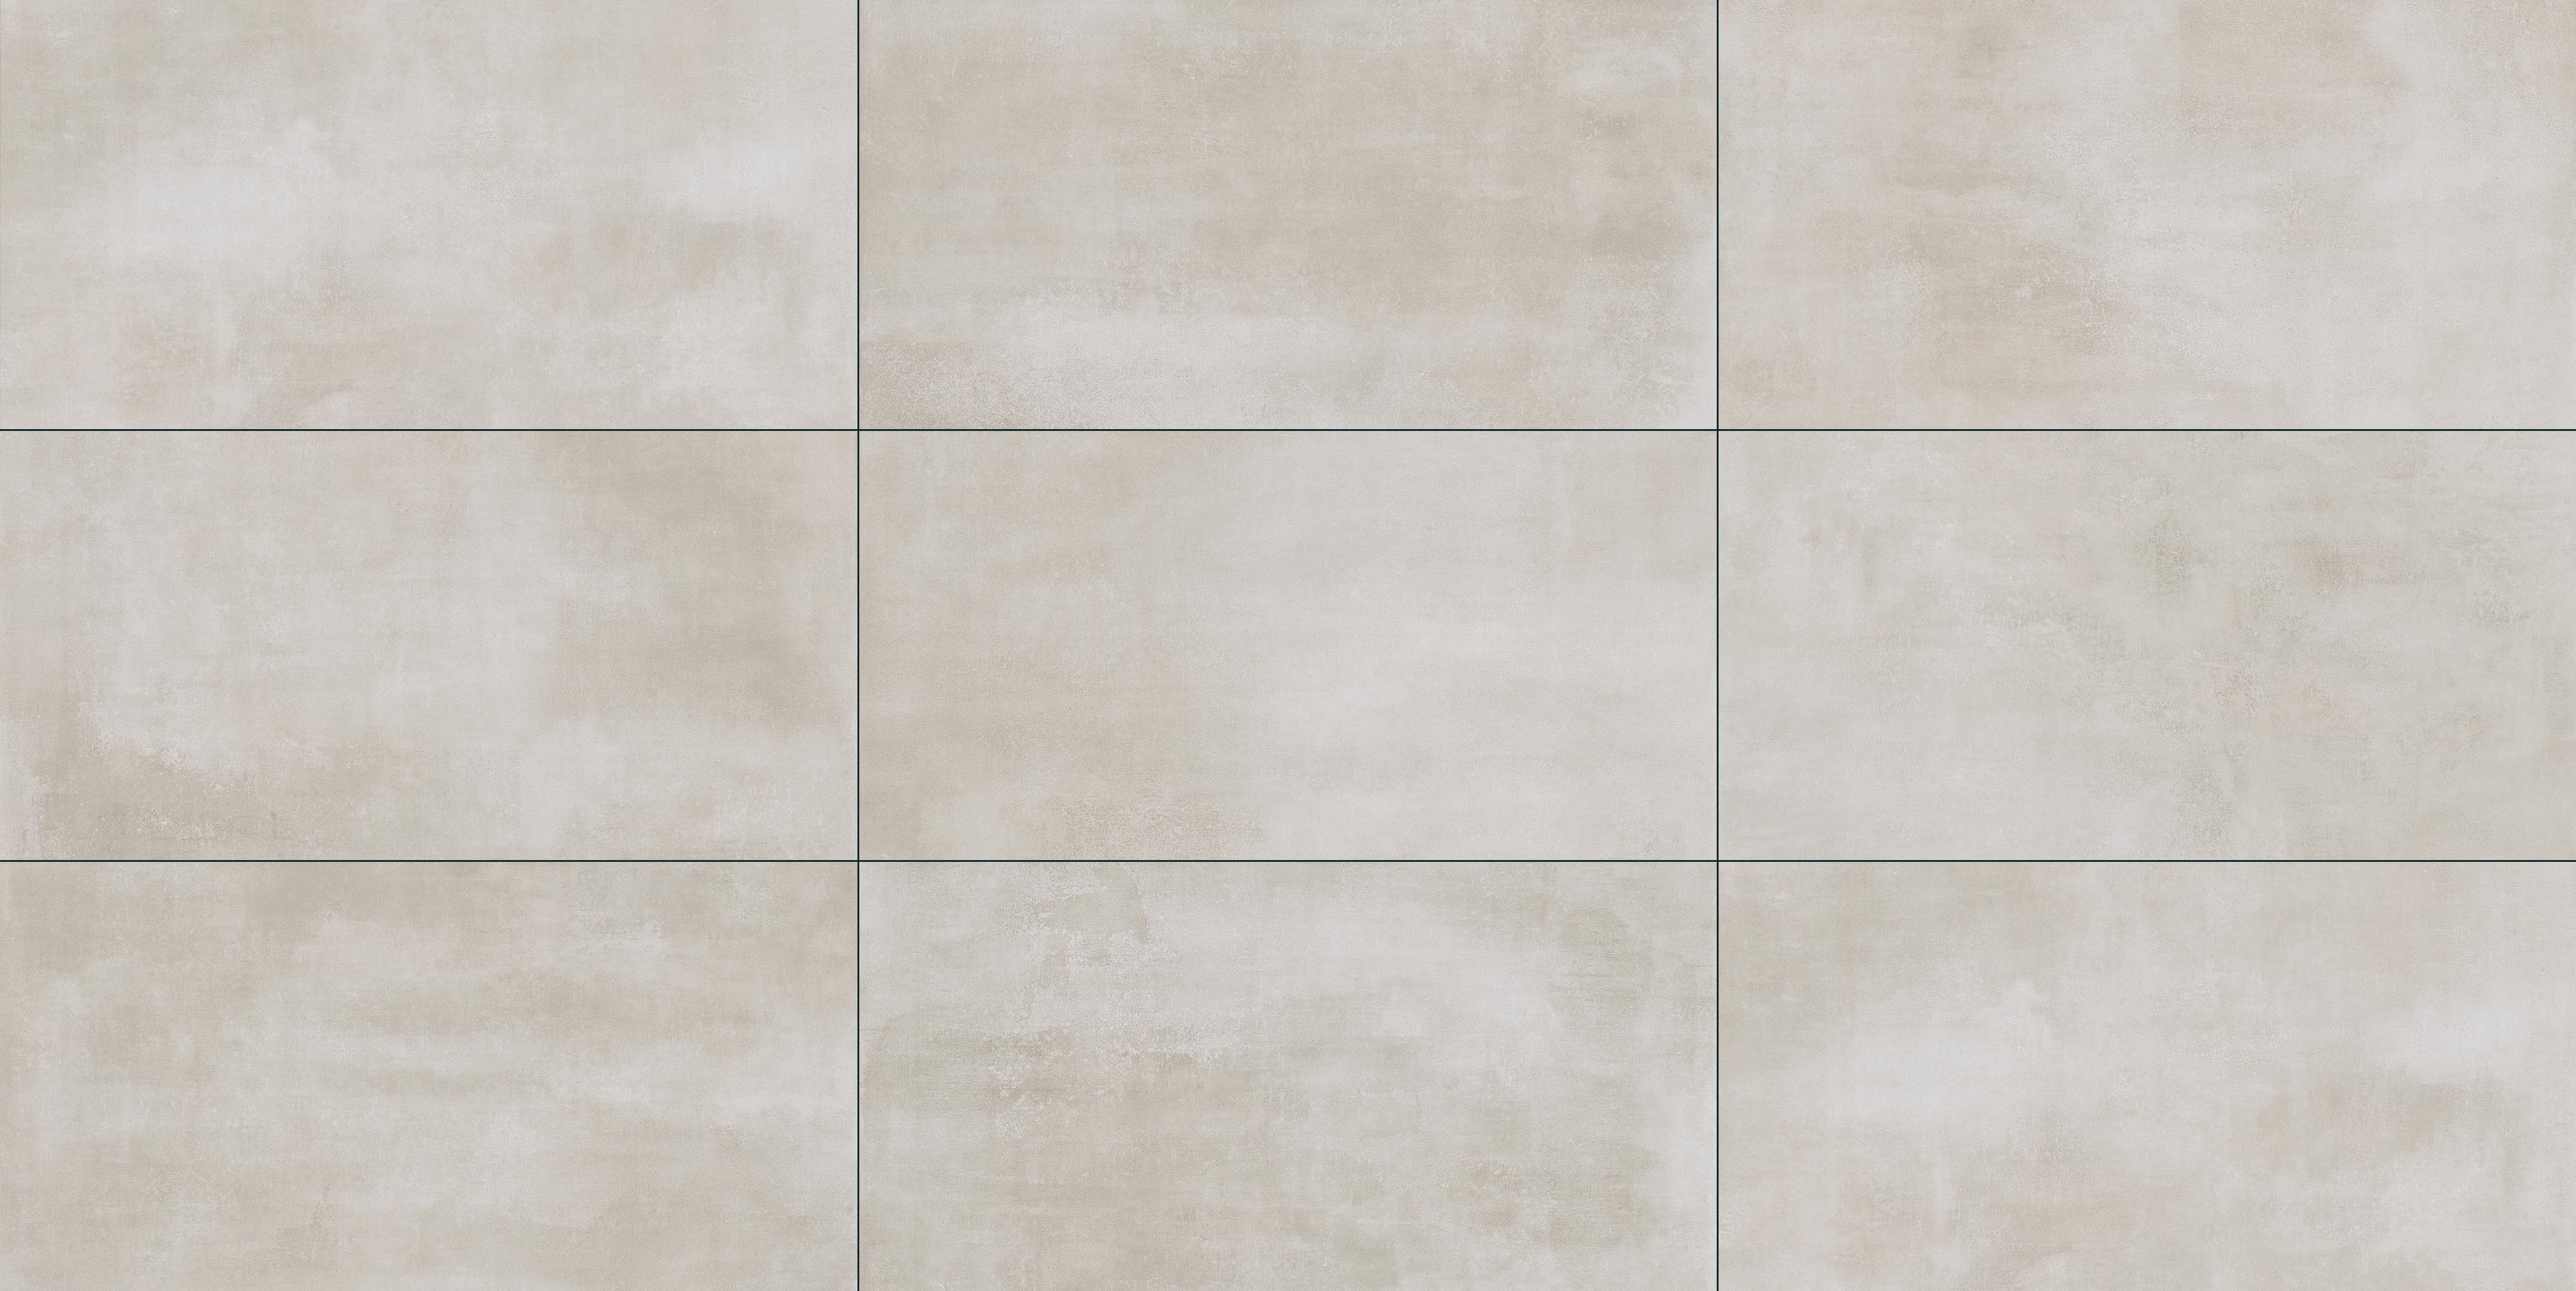 Black And White Ceramic Tile Kitchen Floor